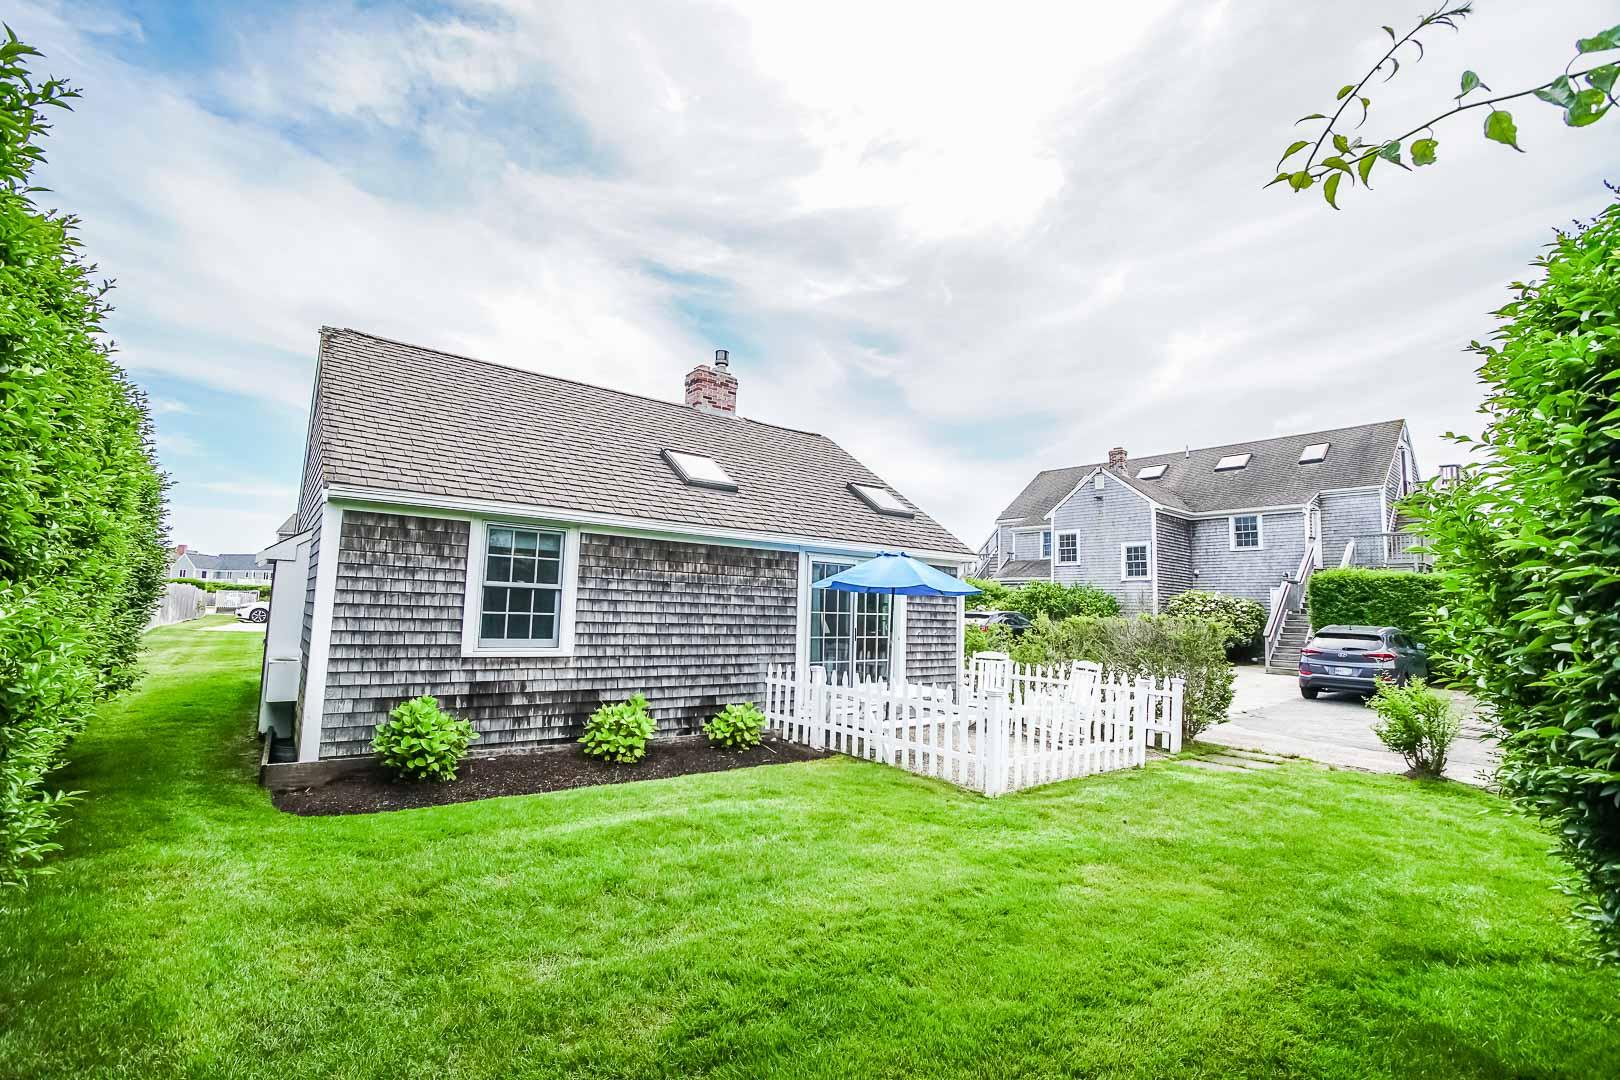 A pleasant condominium at VRI's Beachside Village Resort in Massachusetts.